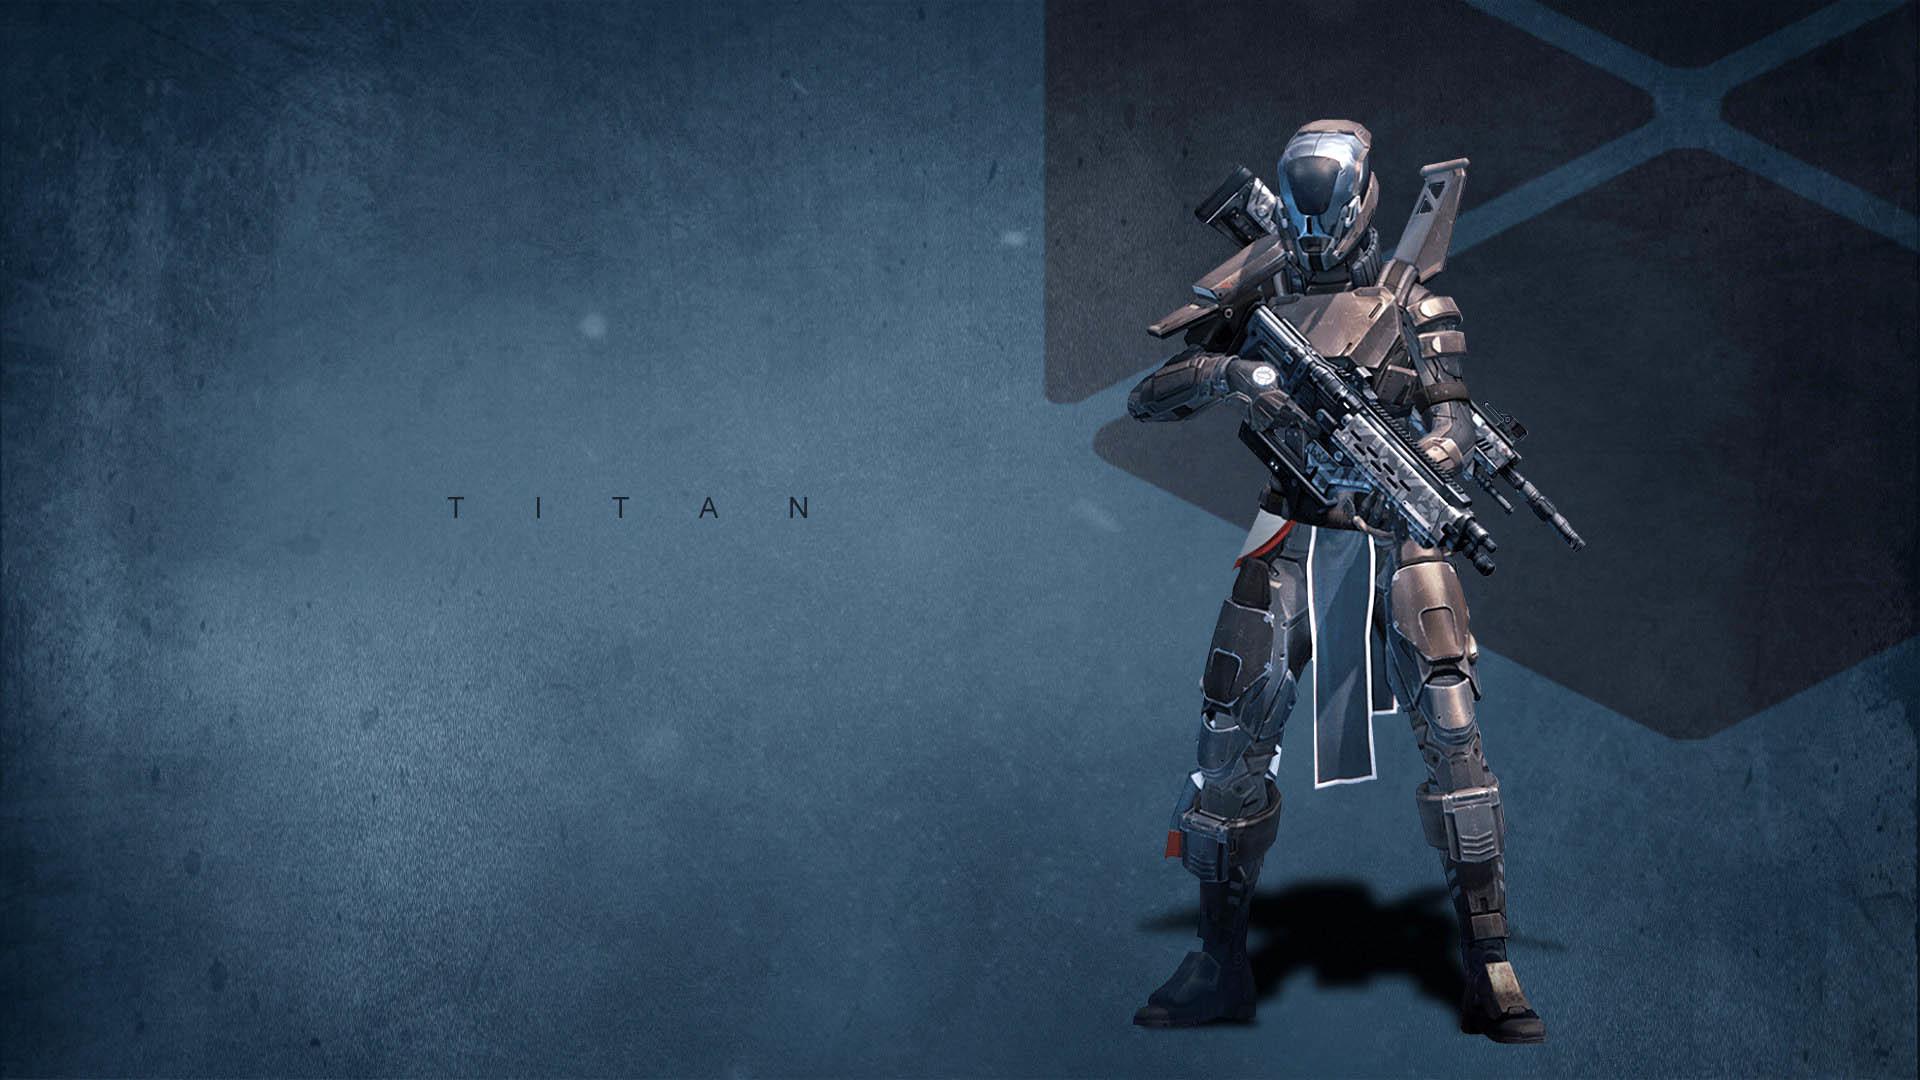 Destiny – Titan Guardian wallpaper